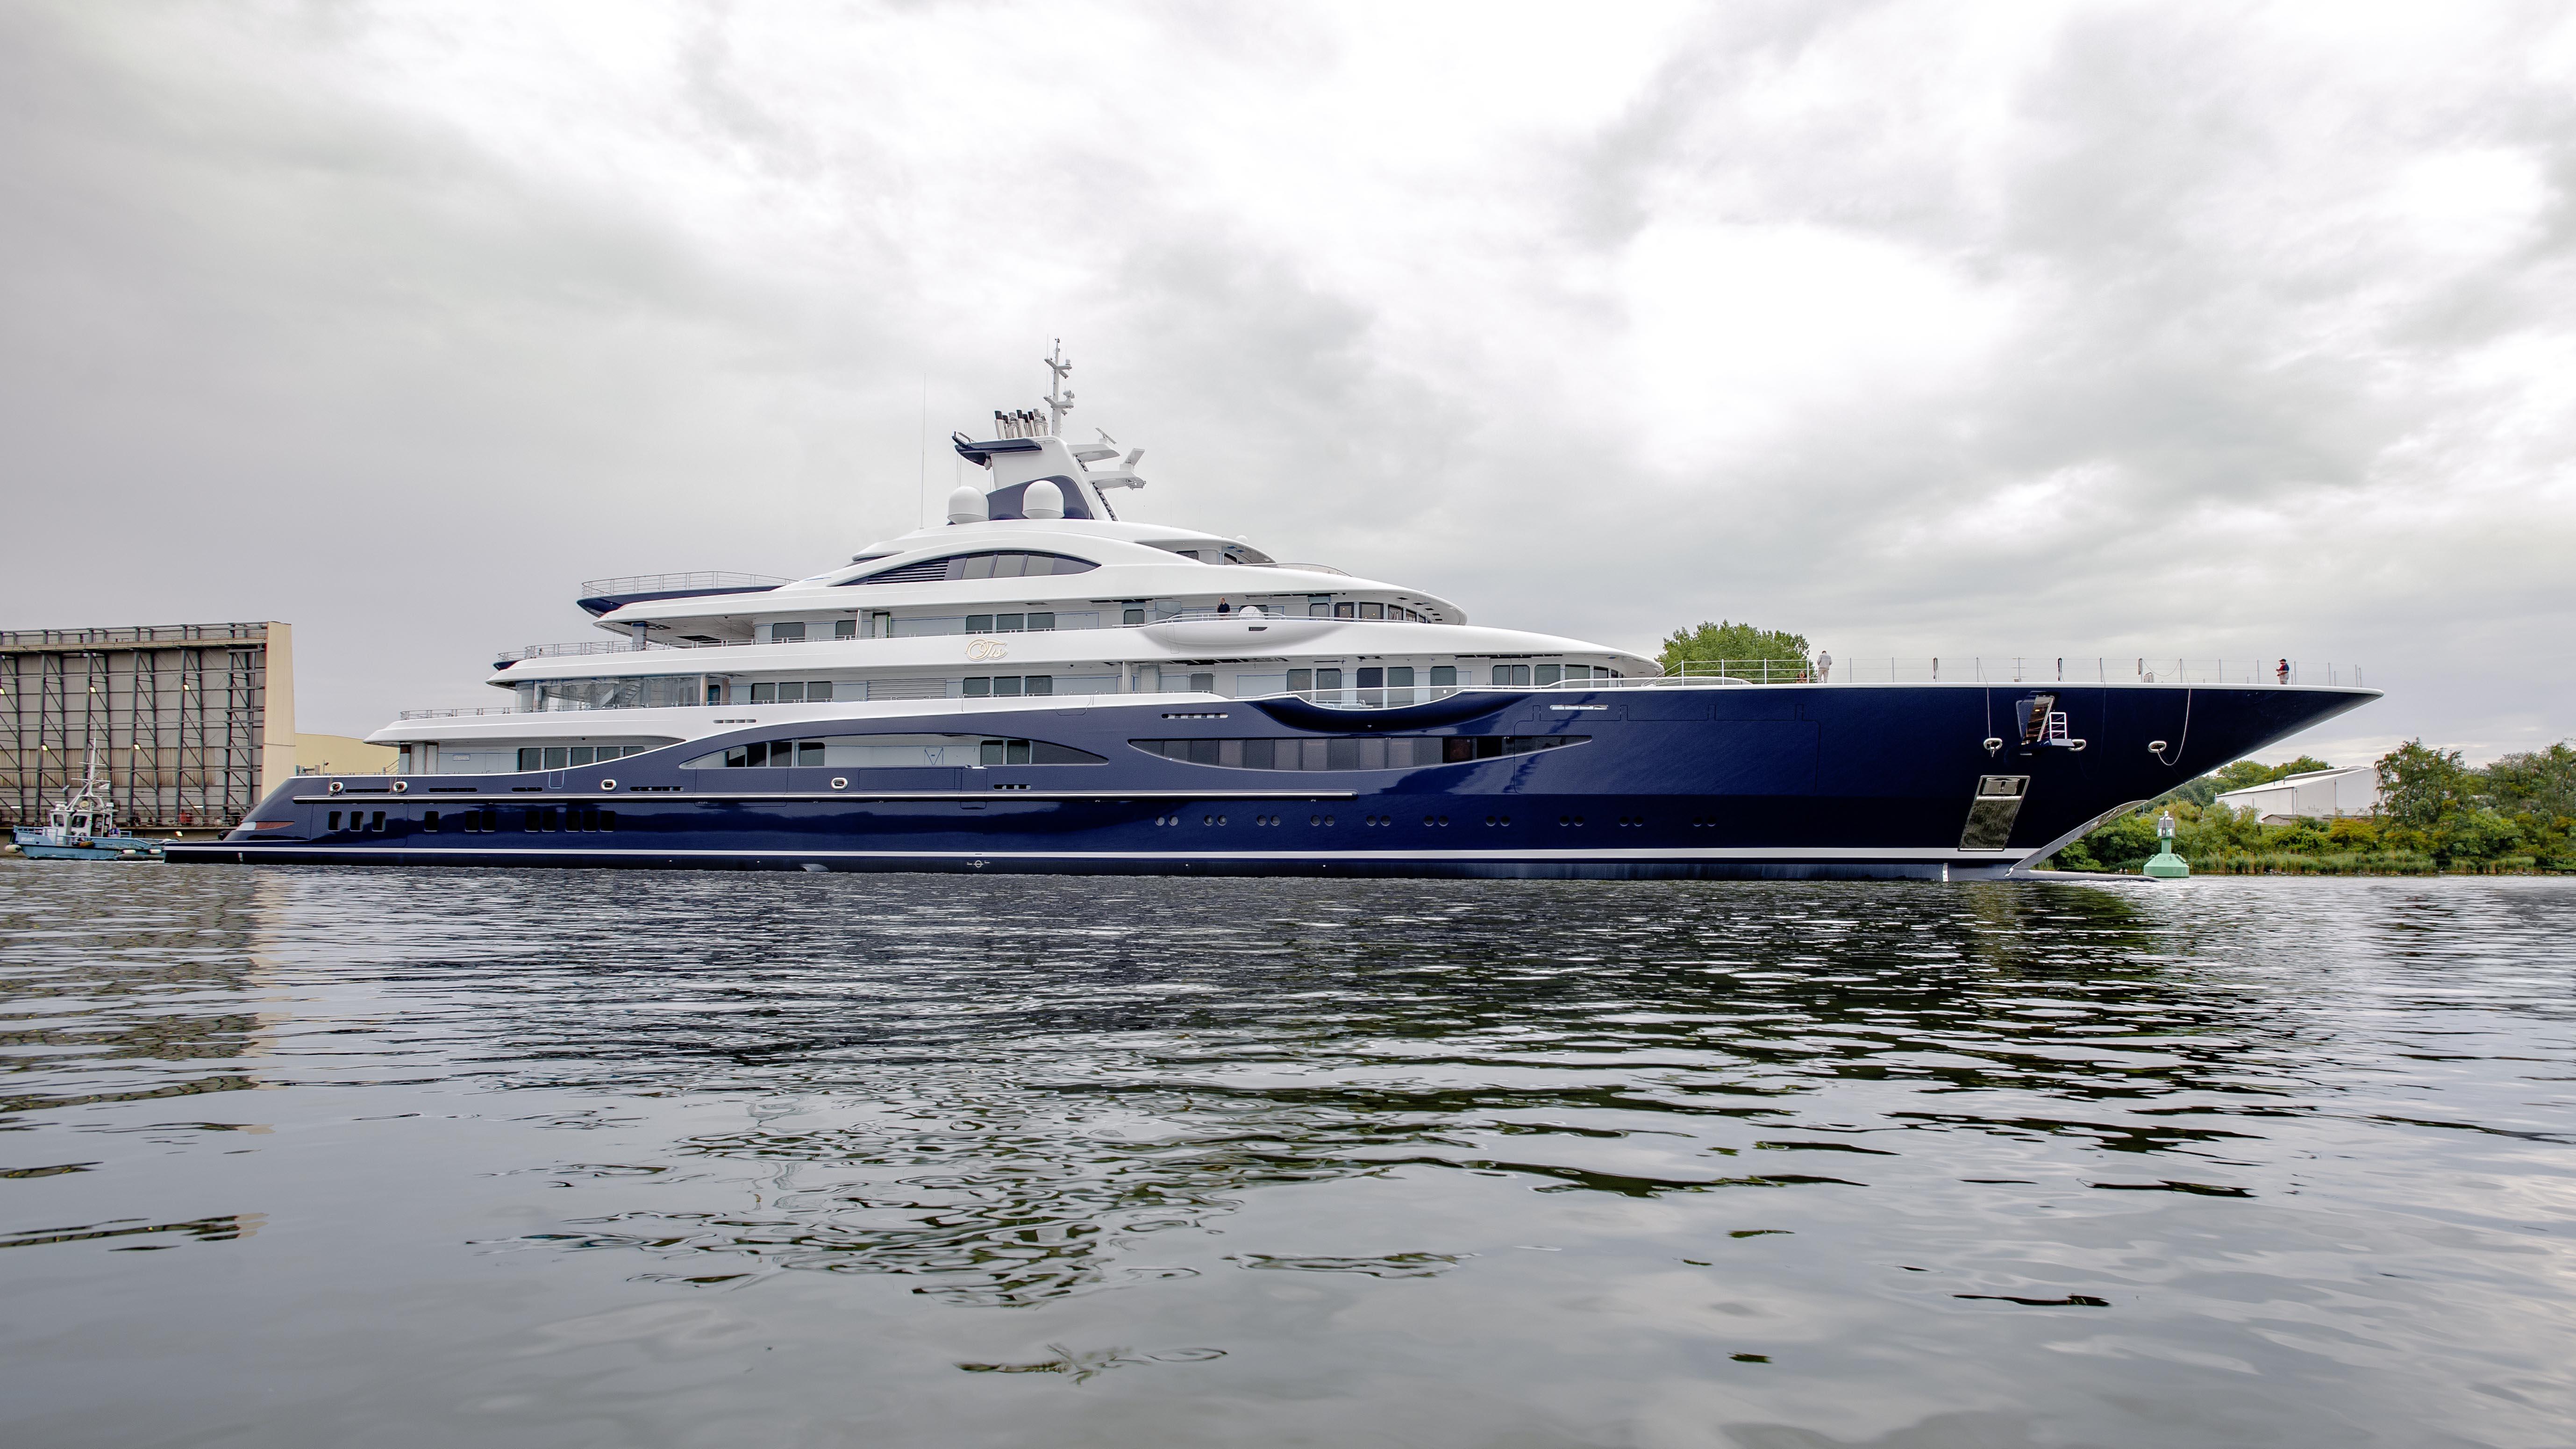 Lürssen Yachts Tis superyacht gigayacht Winch Design